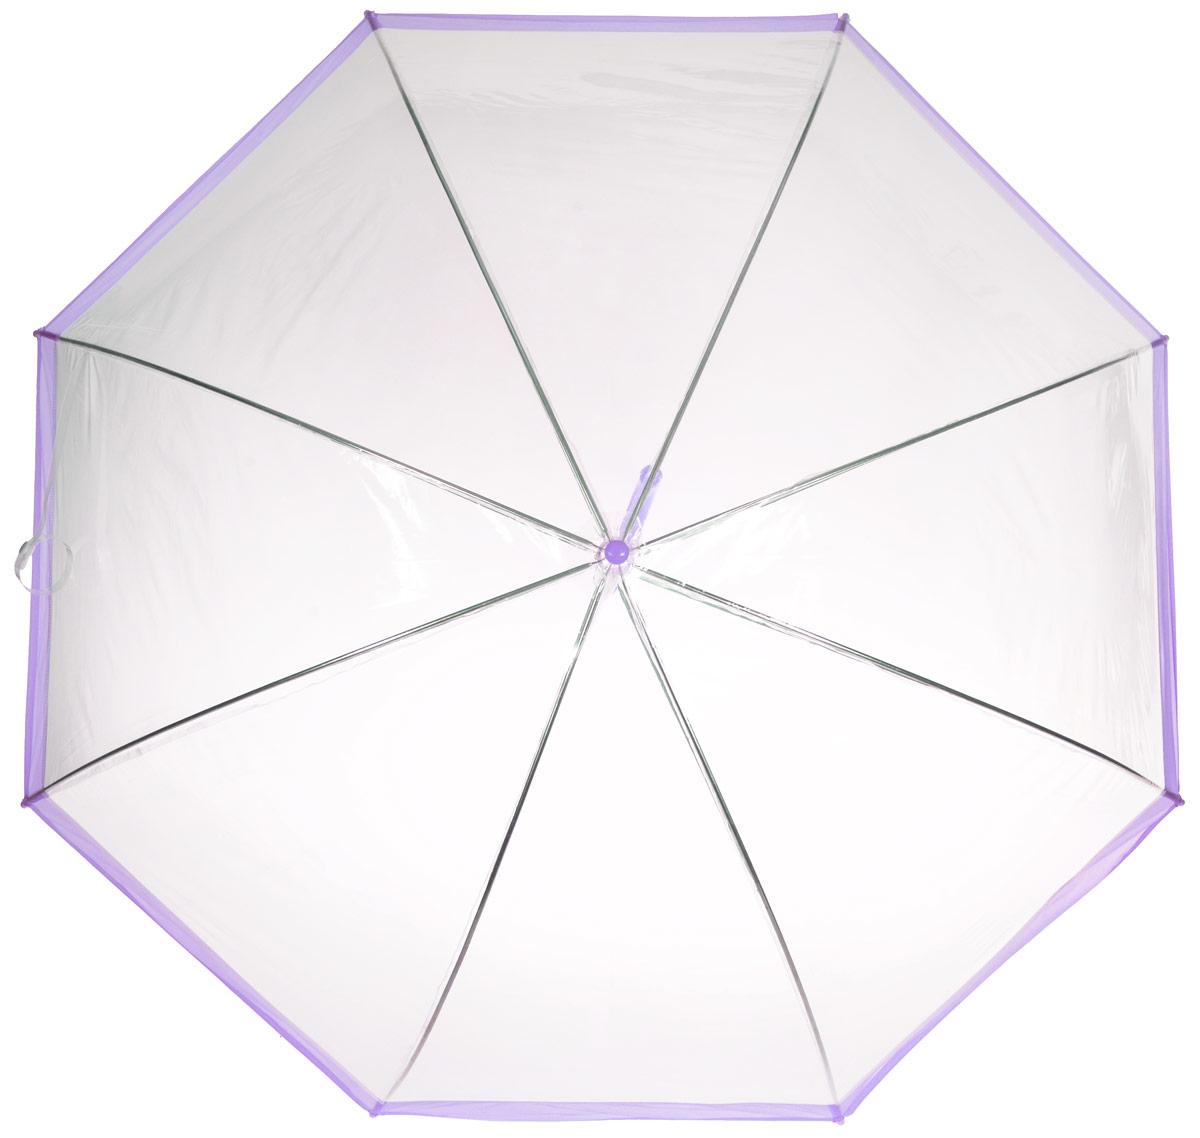 Зонт-трость женский Эврика, механика, цвет: прозрачный, сиреневый. 94864K50K503414_0010Оригинальный и элегантный женский зонт-трость Эврика порадует своим оформлением даже в ненастную погоду.Зонт состоит из восьми спиц и стержня выполненных из качественного металла. Купол выполнен из качественного ПВХ, который не пропускает воду. Зонт дополненудобной пластиковой ручкой в виде крючка.Изделие имеет механический способ сложения: и купол, и стержень открываются и закрываются вручную до характерного щелчка. Зонт закрывается хлястиком на кнопку. Зонт имеет прозрачную текстуру, что позволяет видеть обстановку вокруг себя.Такой зонт не оставит вас незамеченной.